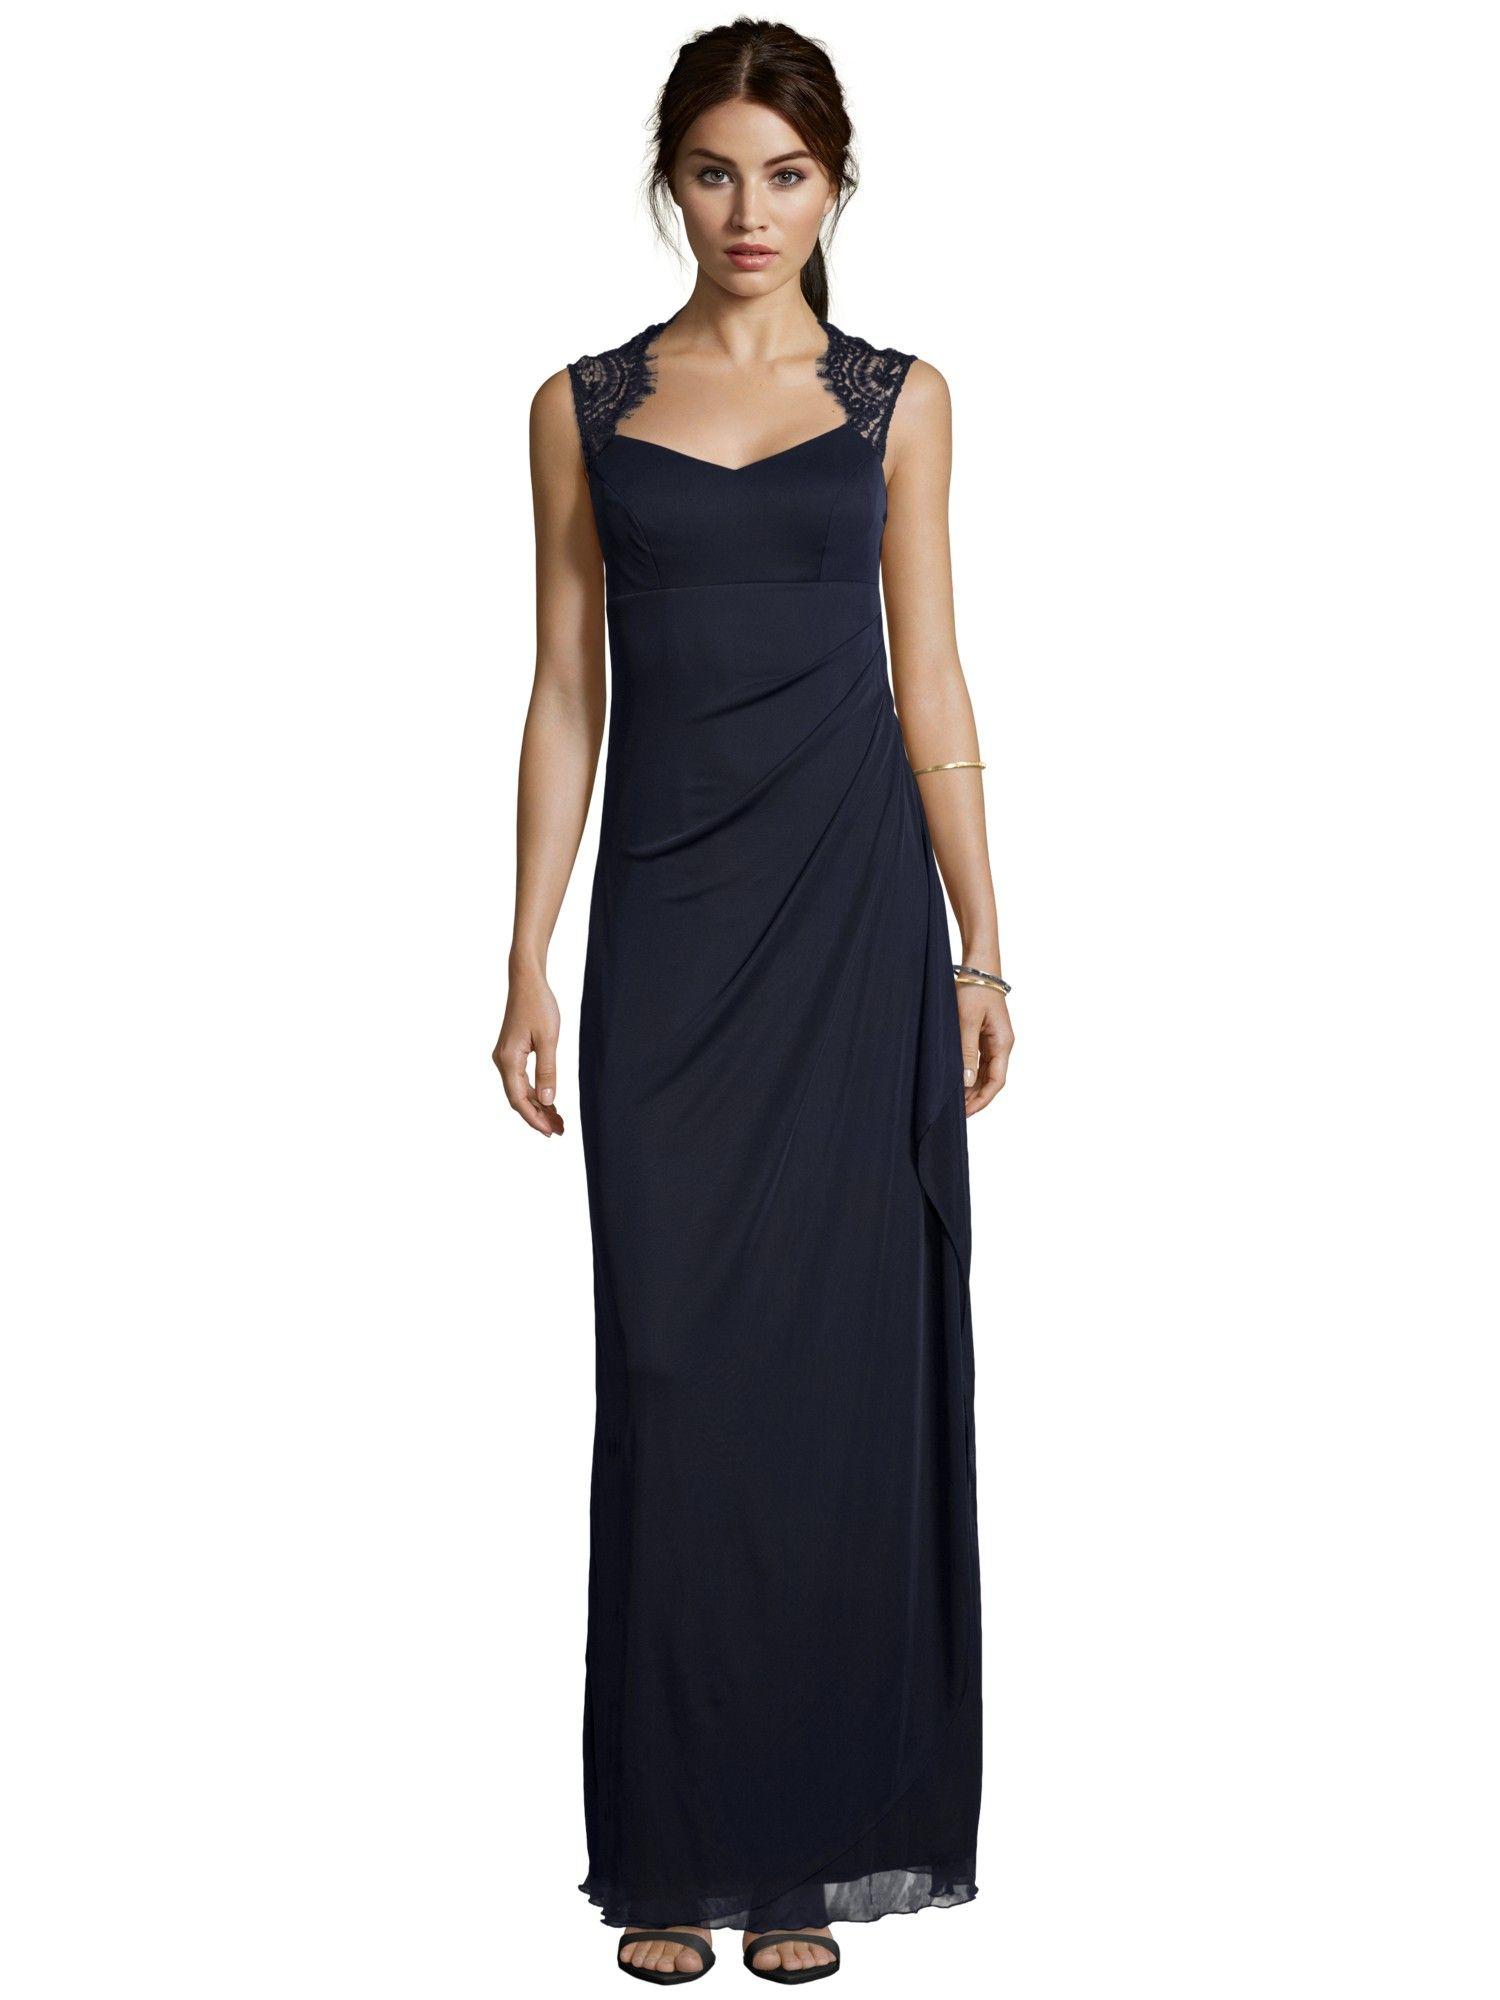 MARIPOSA Abendkleid mit feiner Spitze in Blau / Türkis online